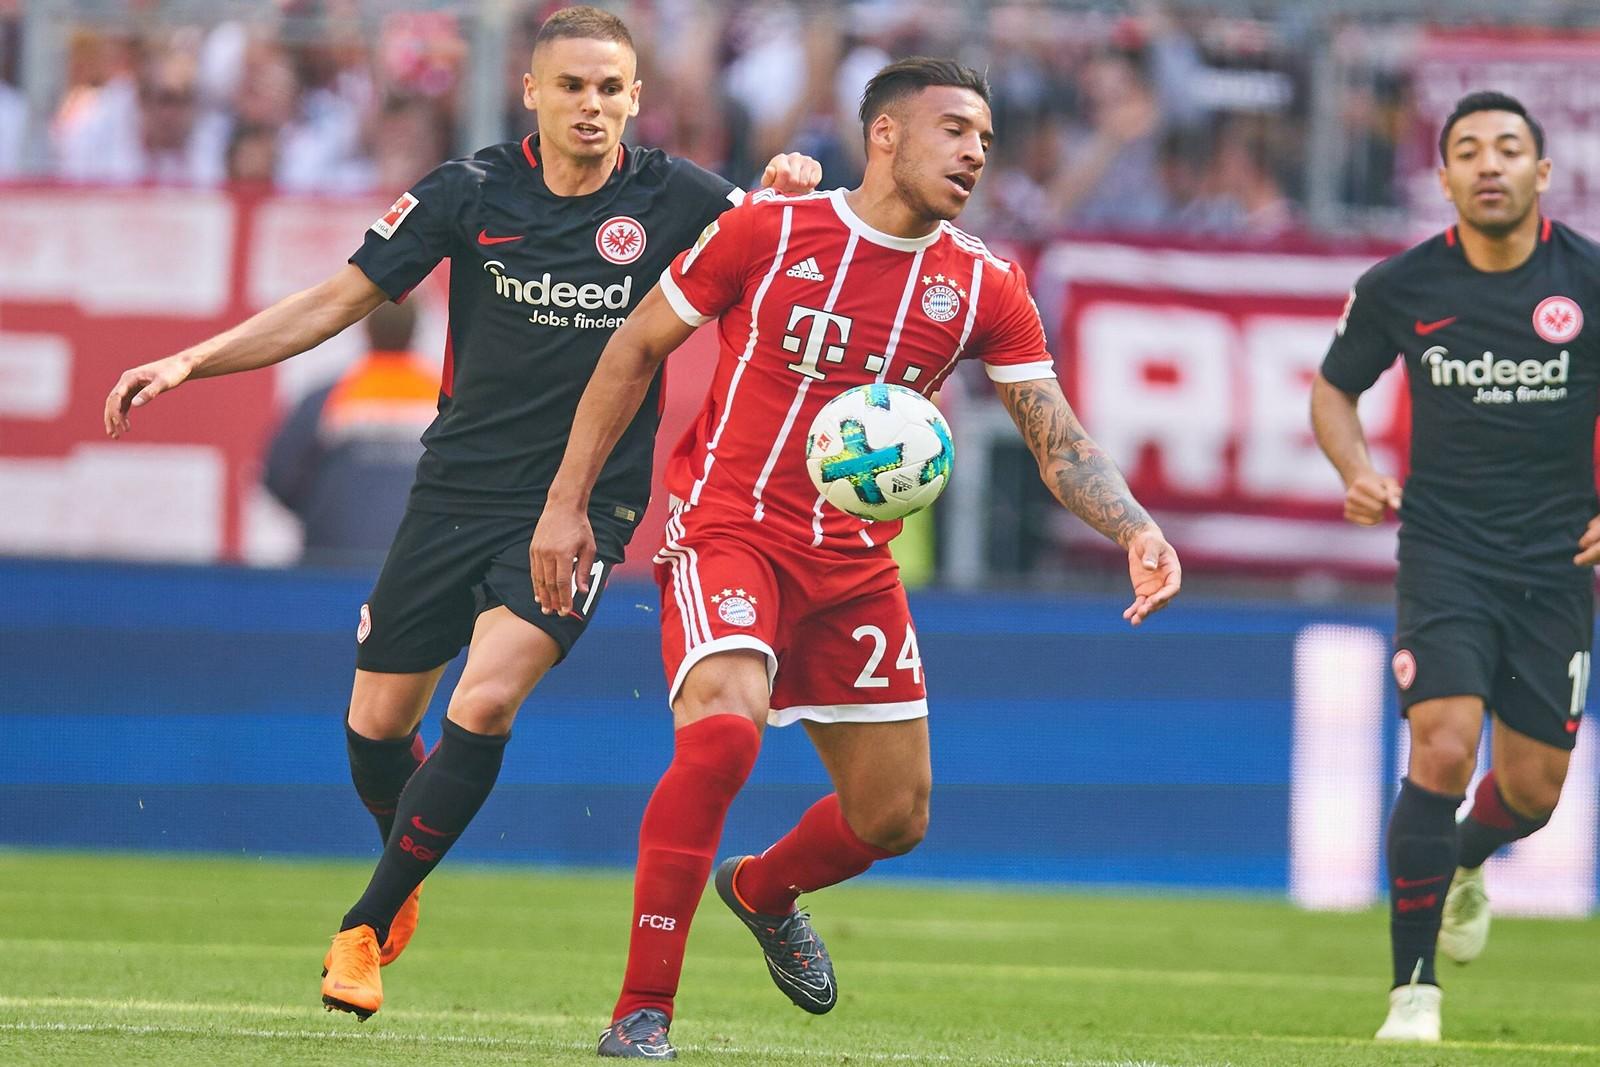 Behauptet sich Corentin Tolisso auch im Pokalfinale? Jetzt auf Bayern vs Frankfurt wetten!